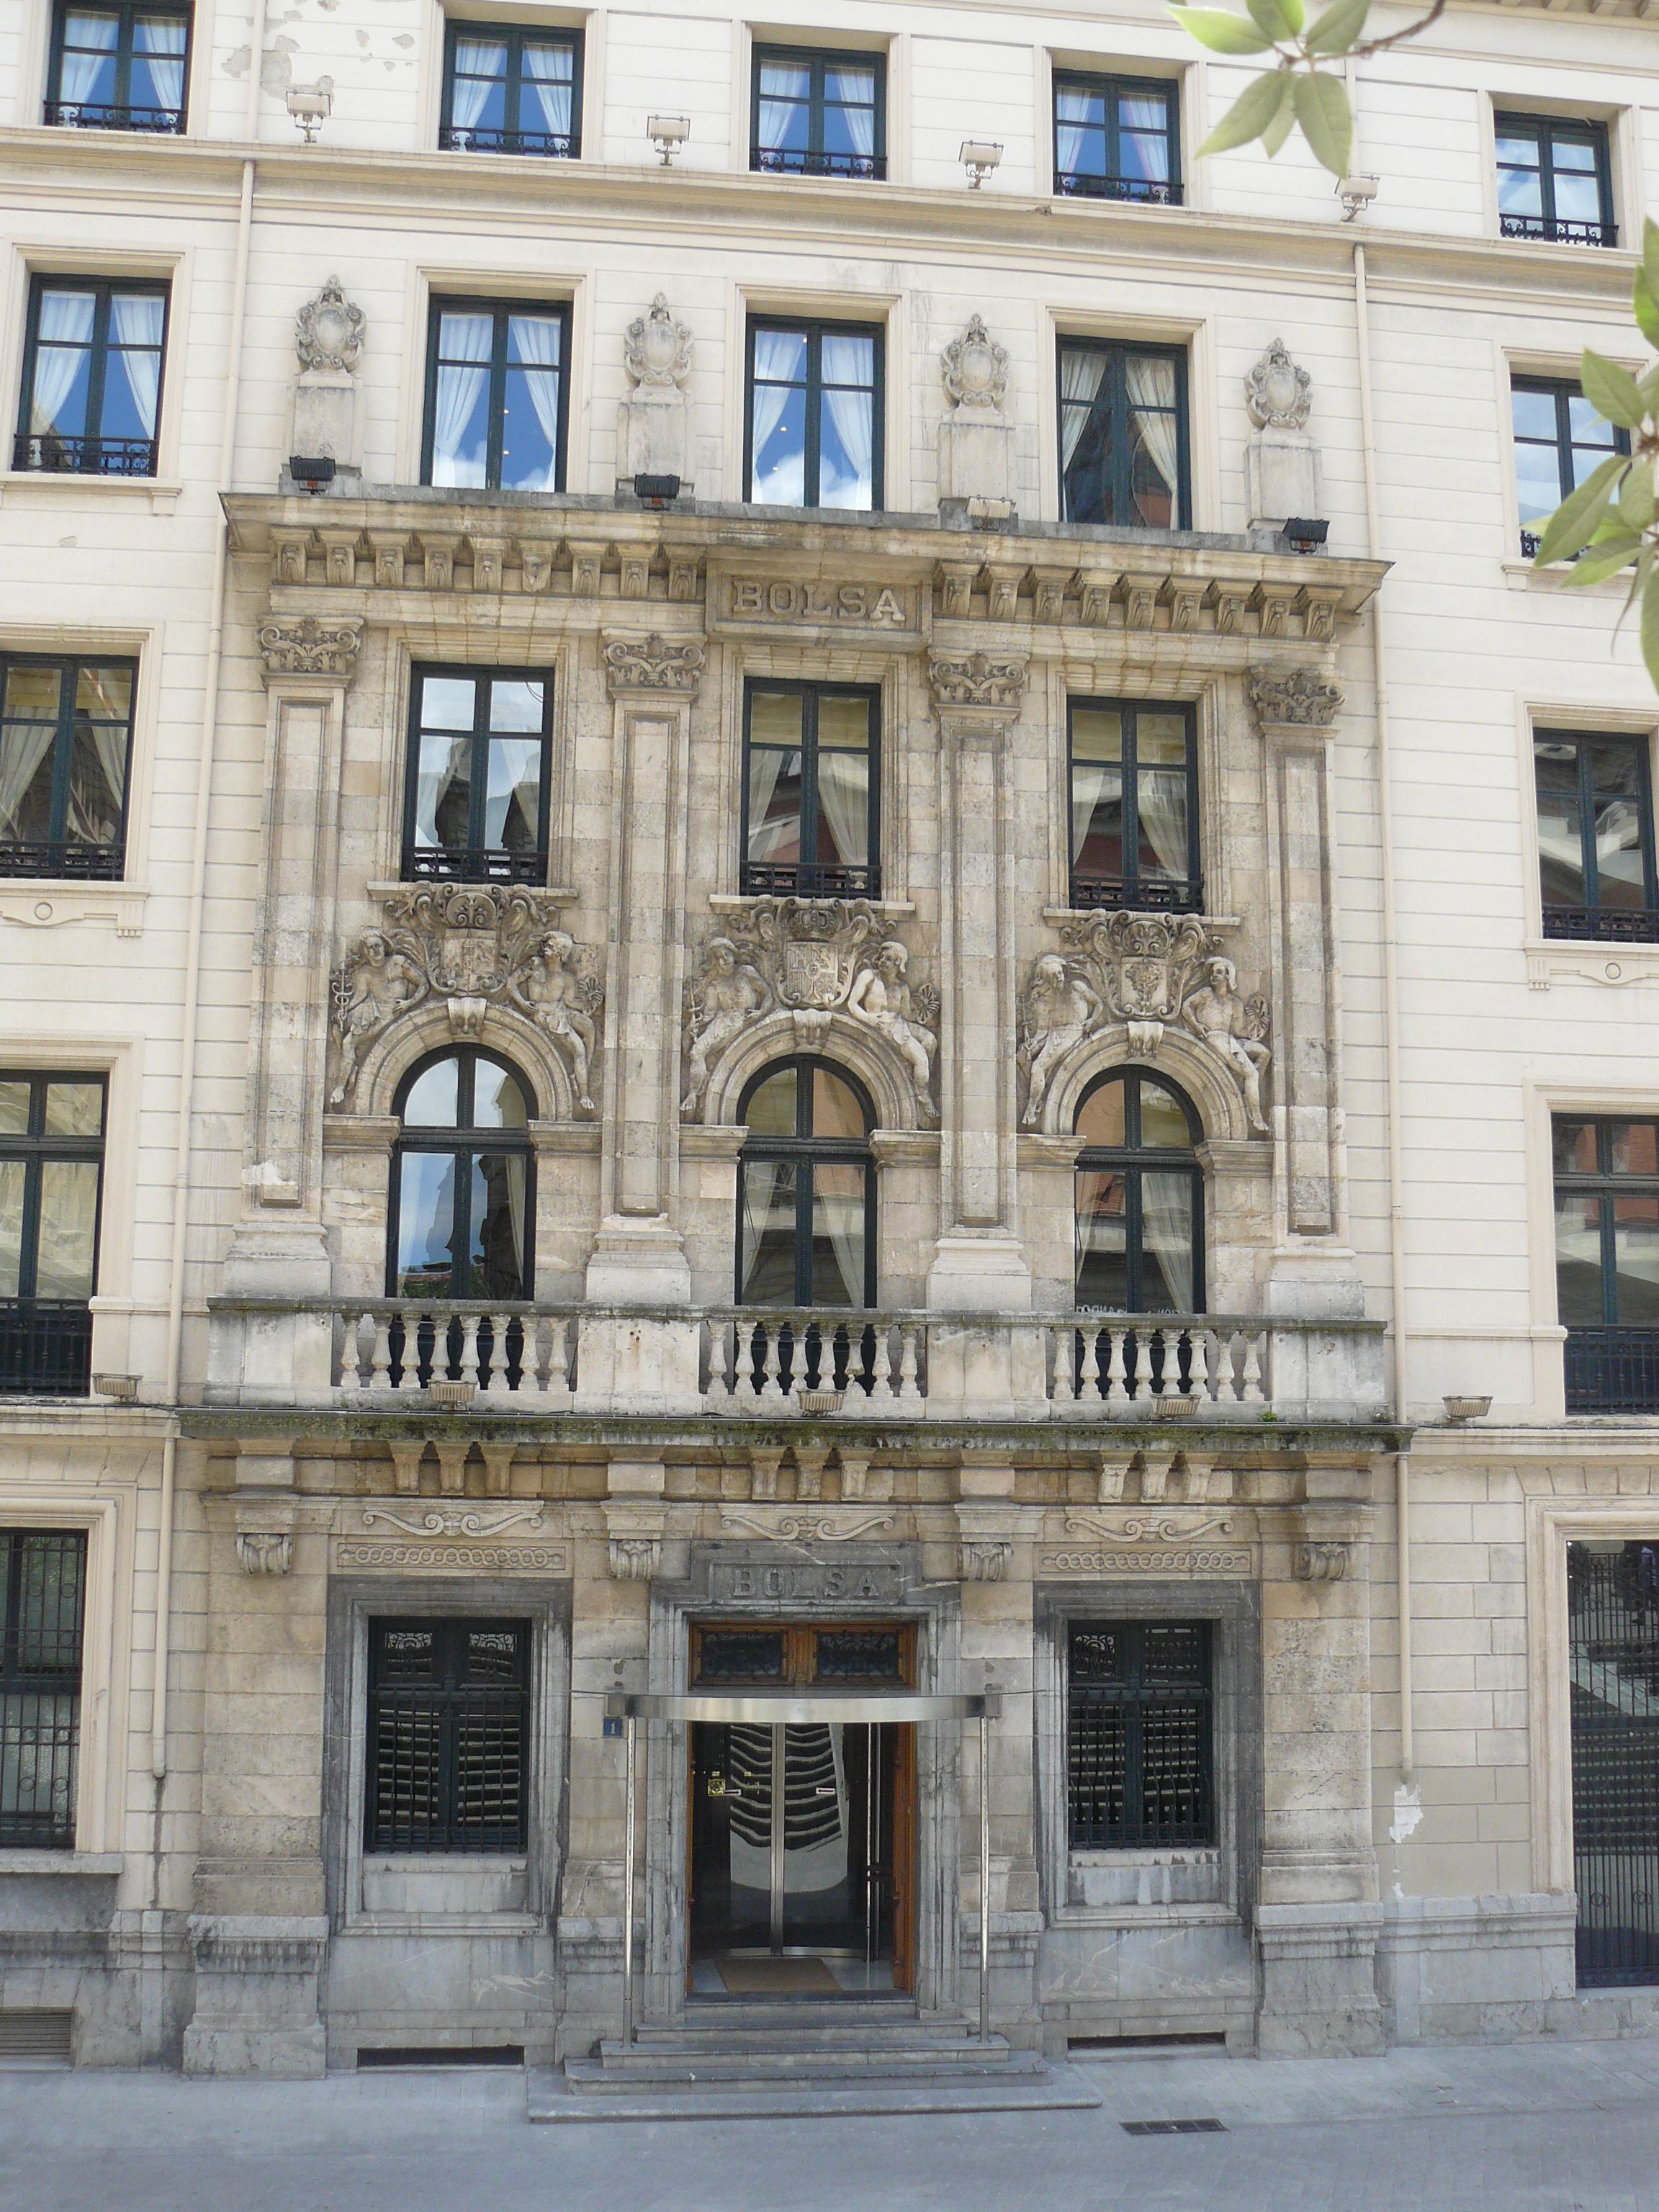 Ficheiro:Bolsa de Bilbao.jpg - Wikipedia, a enciclopedia libre